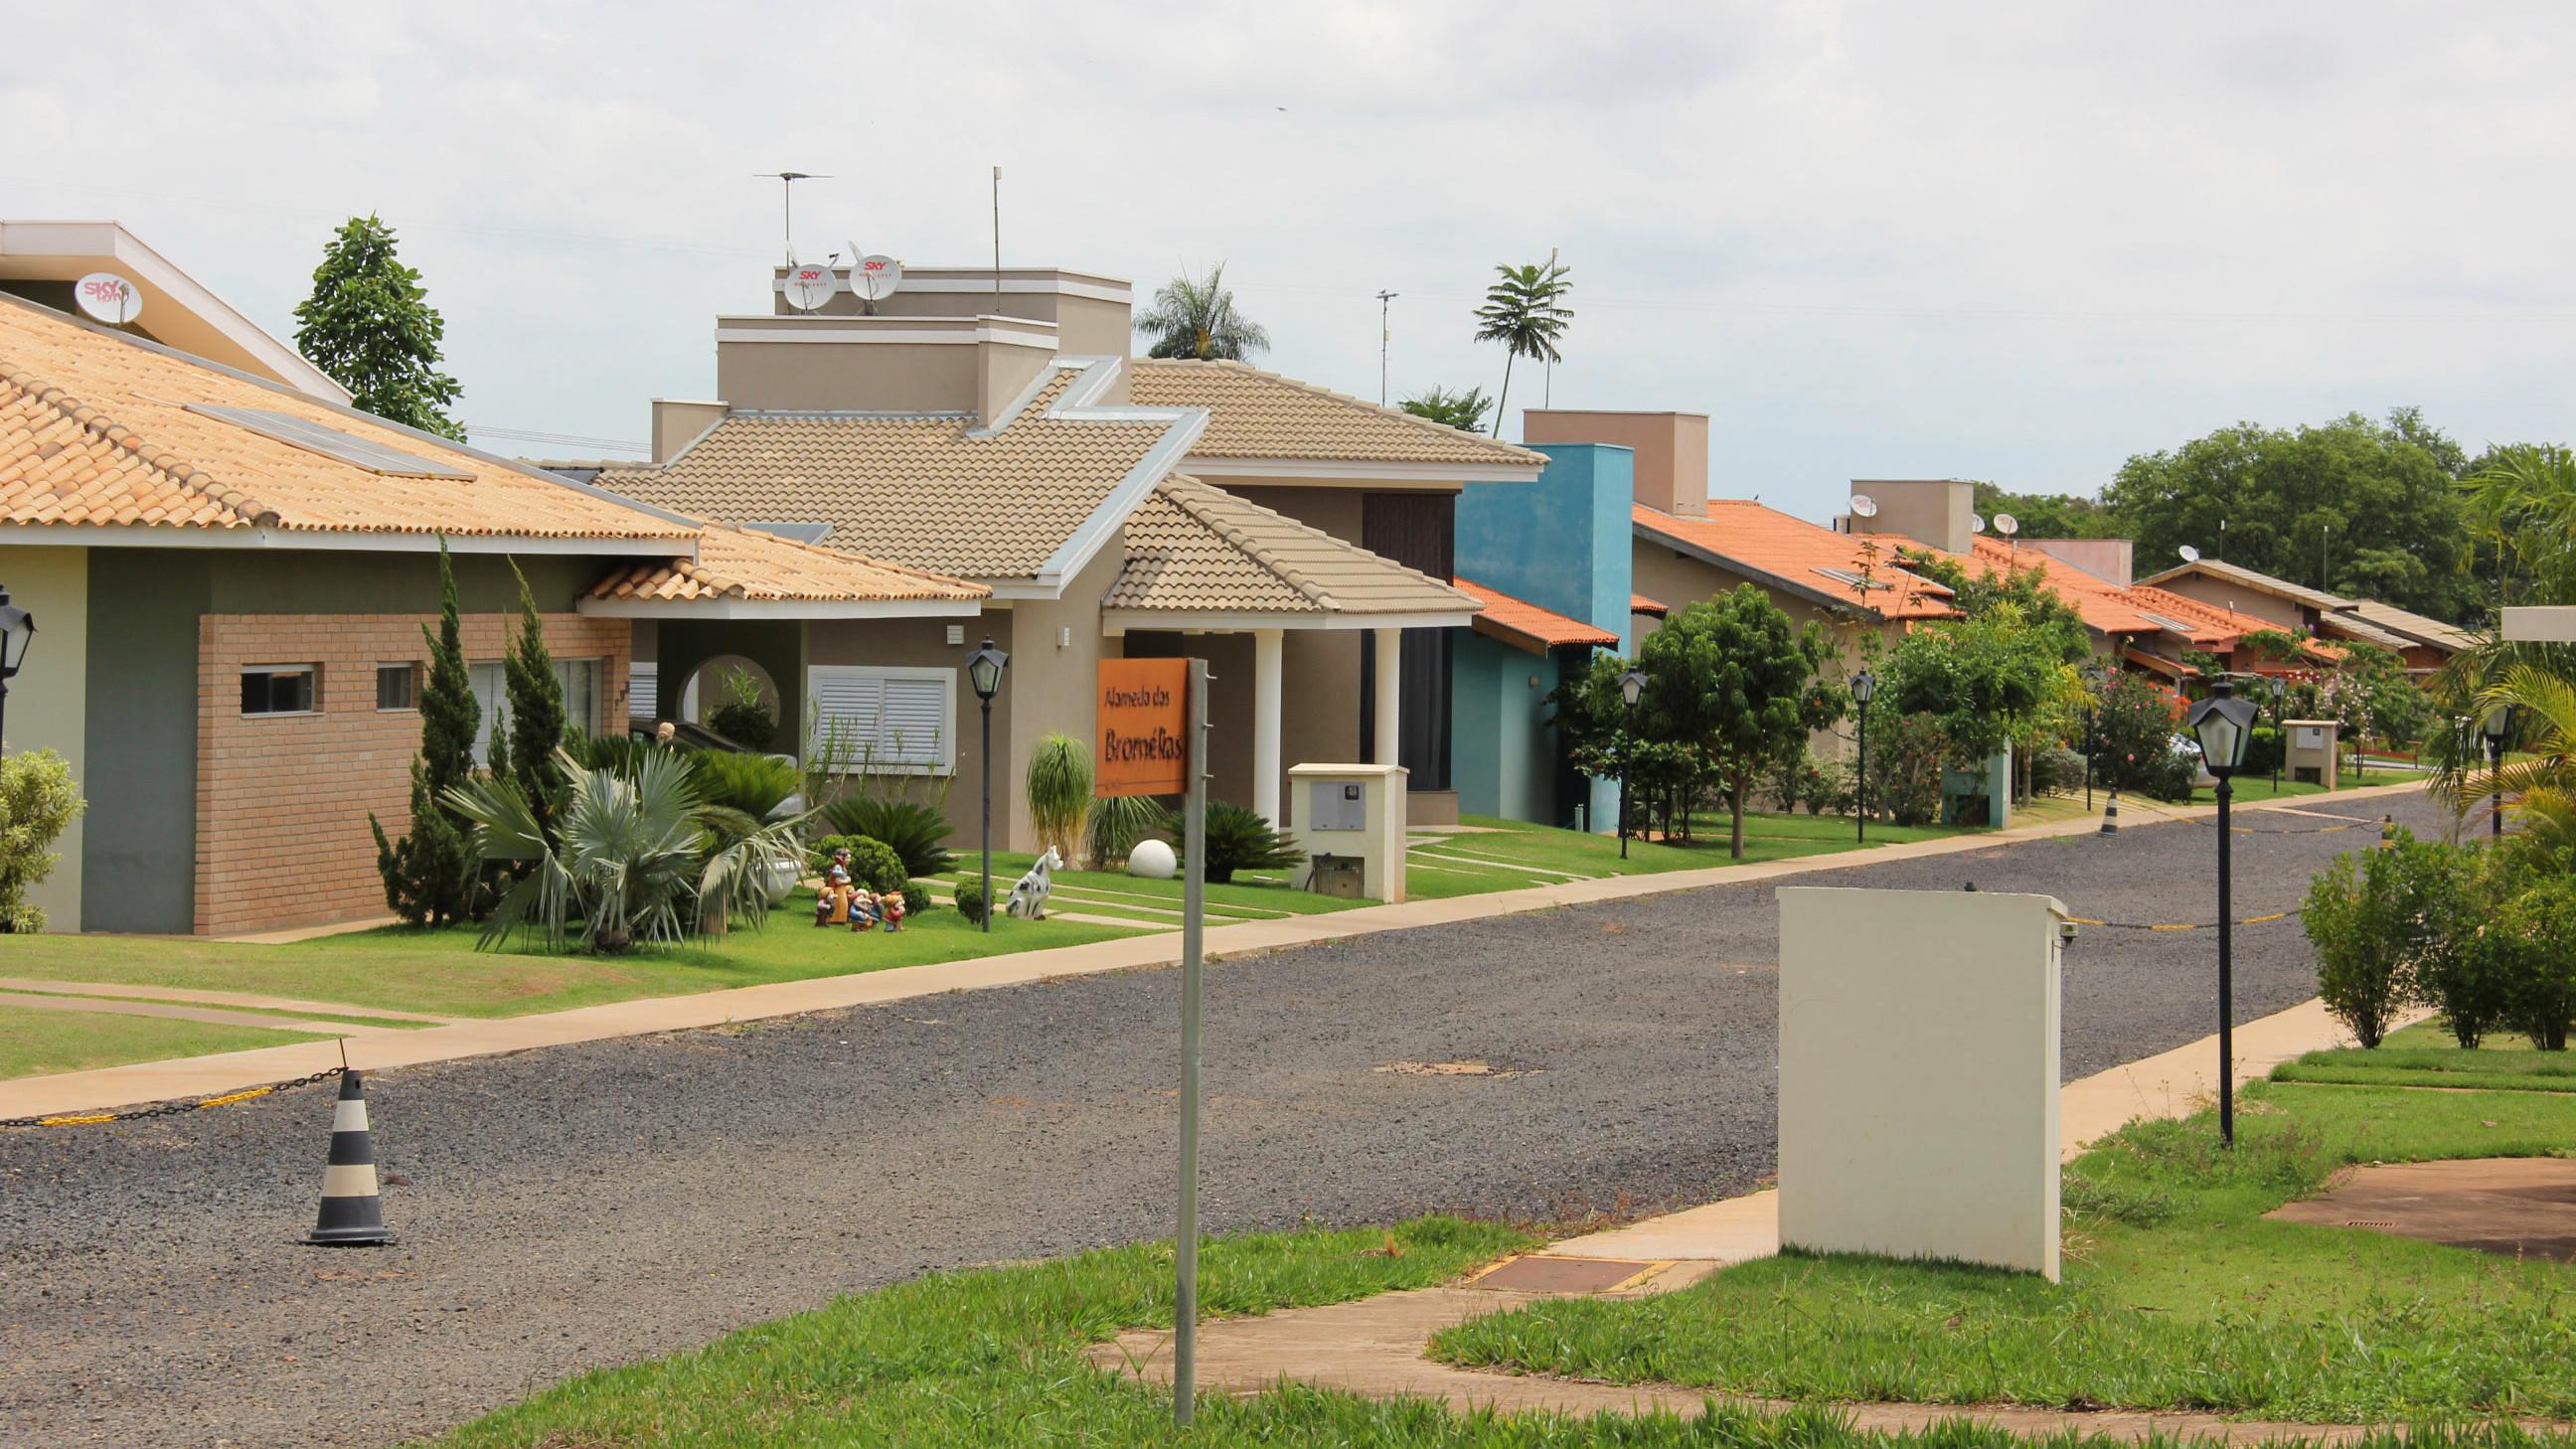 Acessibilidade: conheça os condomínios projetados para idosos no Brasil